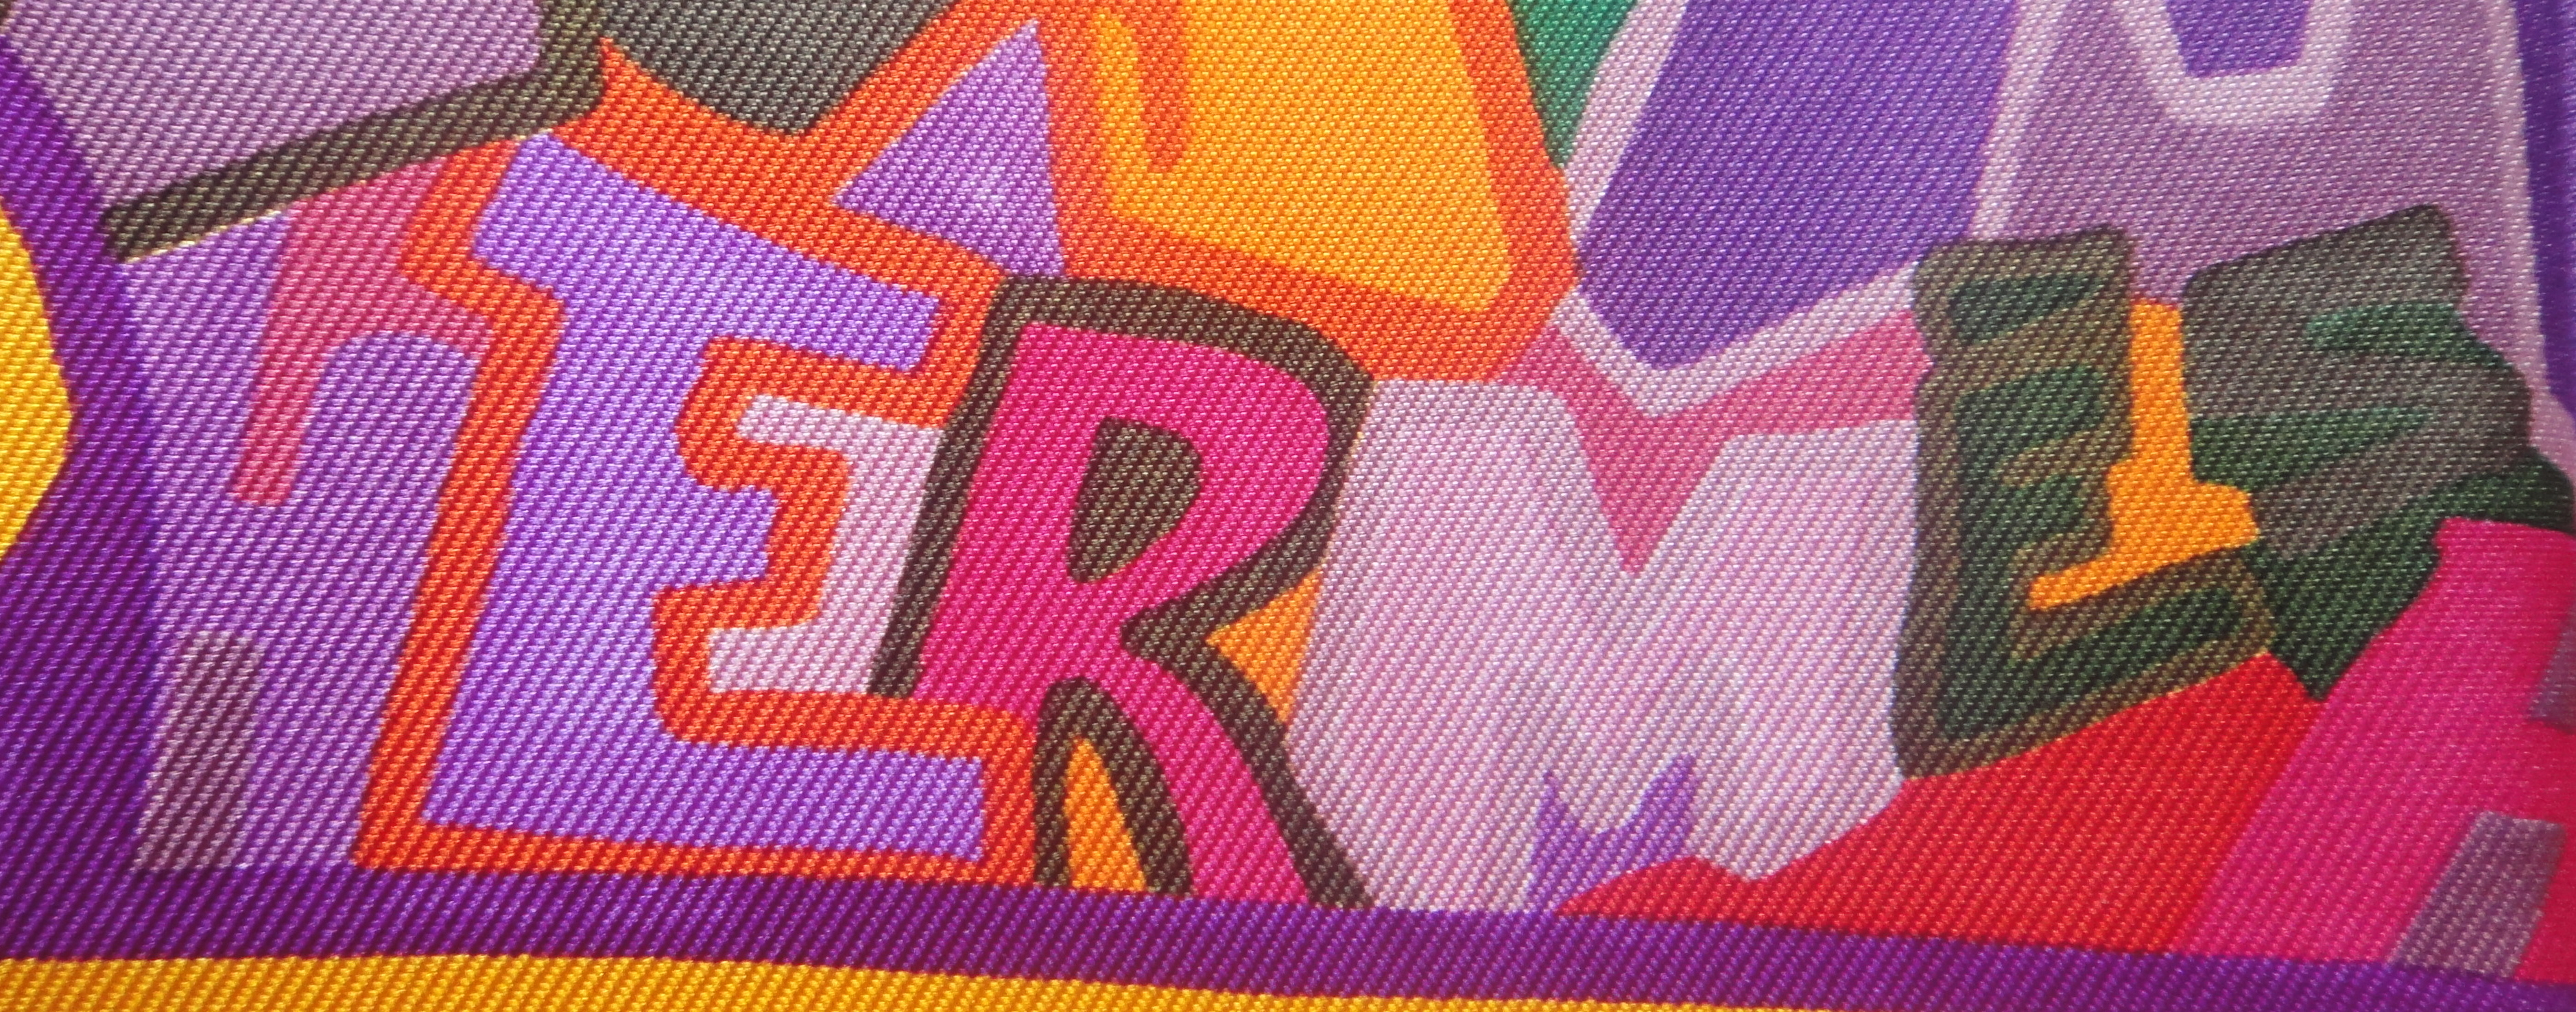 Hermès GRAFF by Kongo